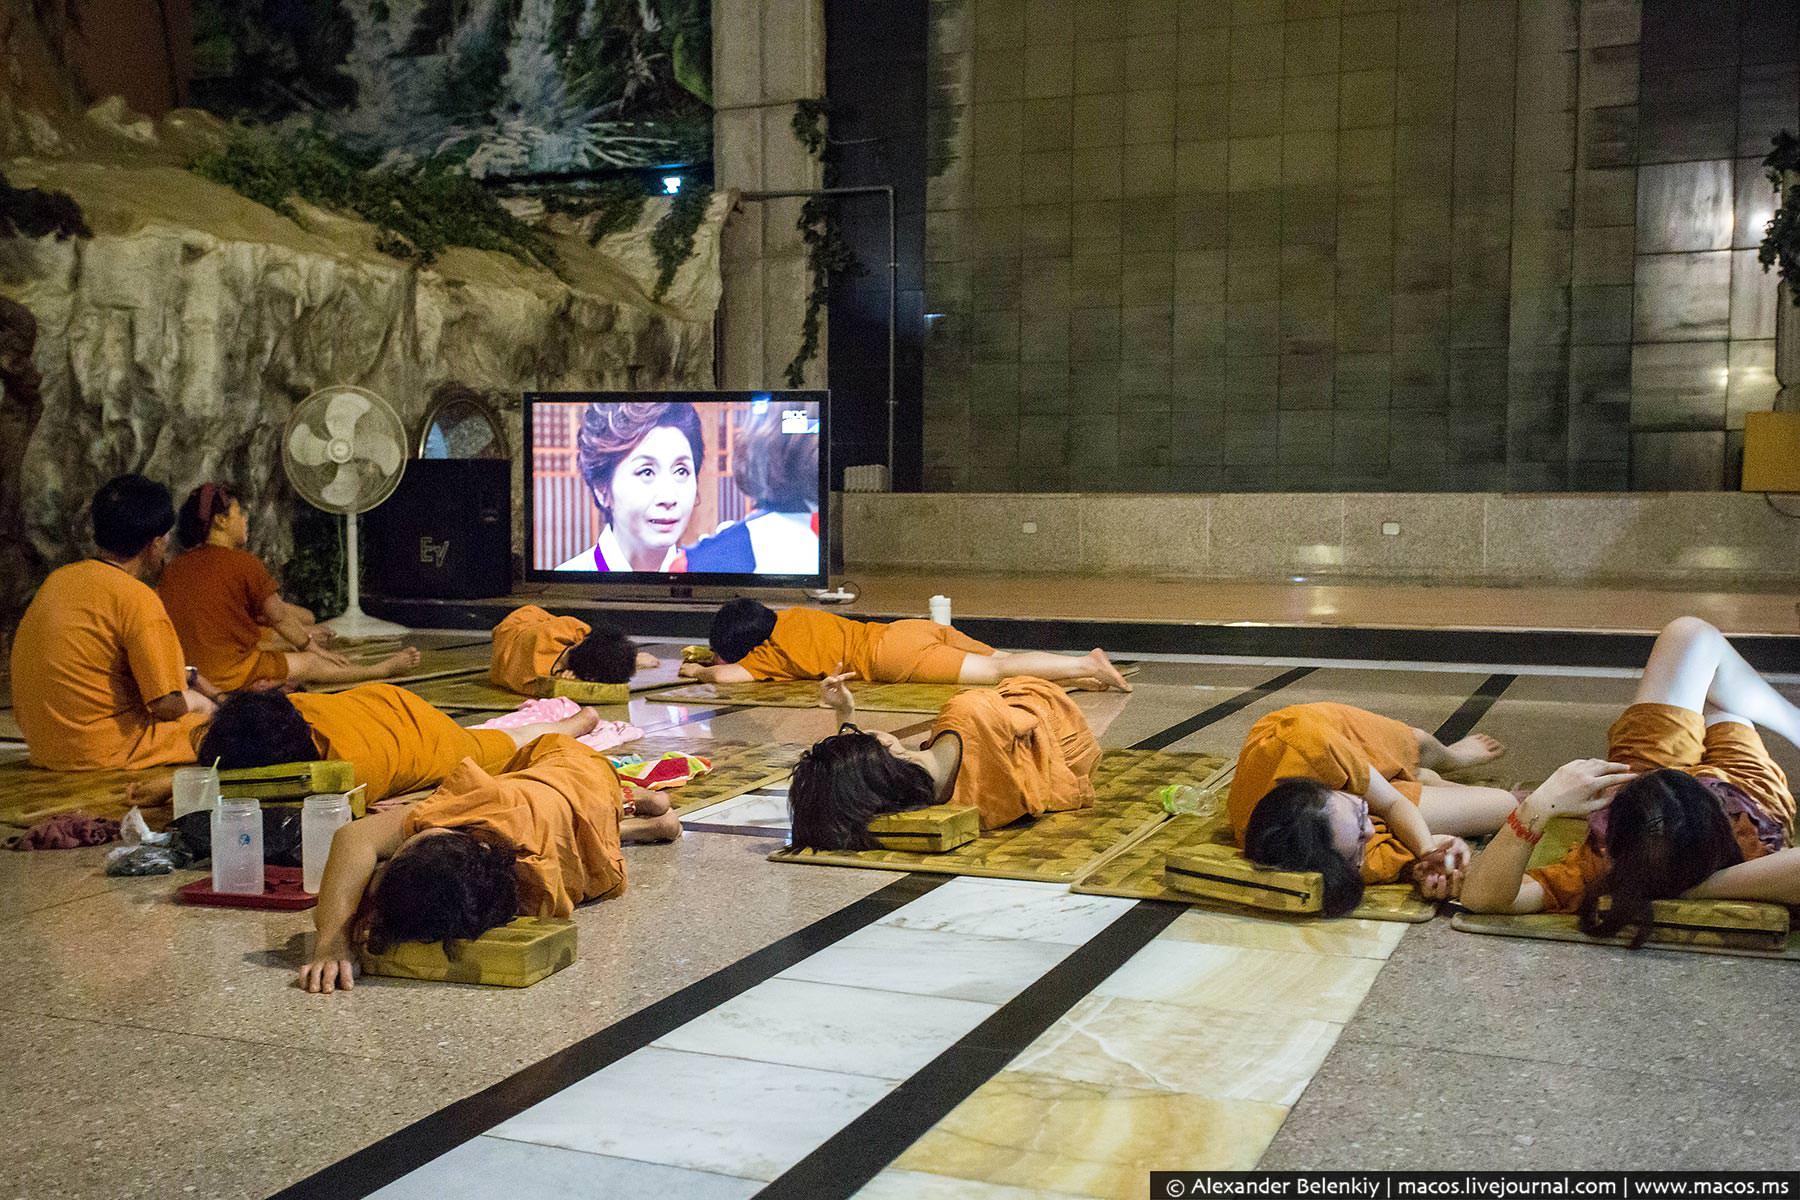 Мужчины купаются в банях смотреть видео фото 618-439